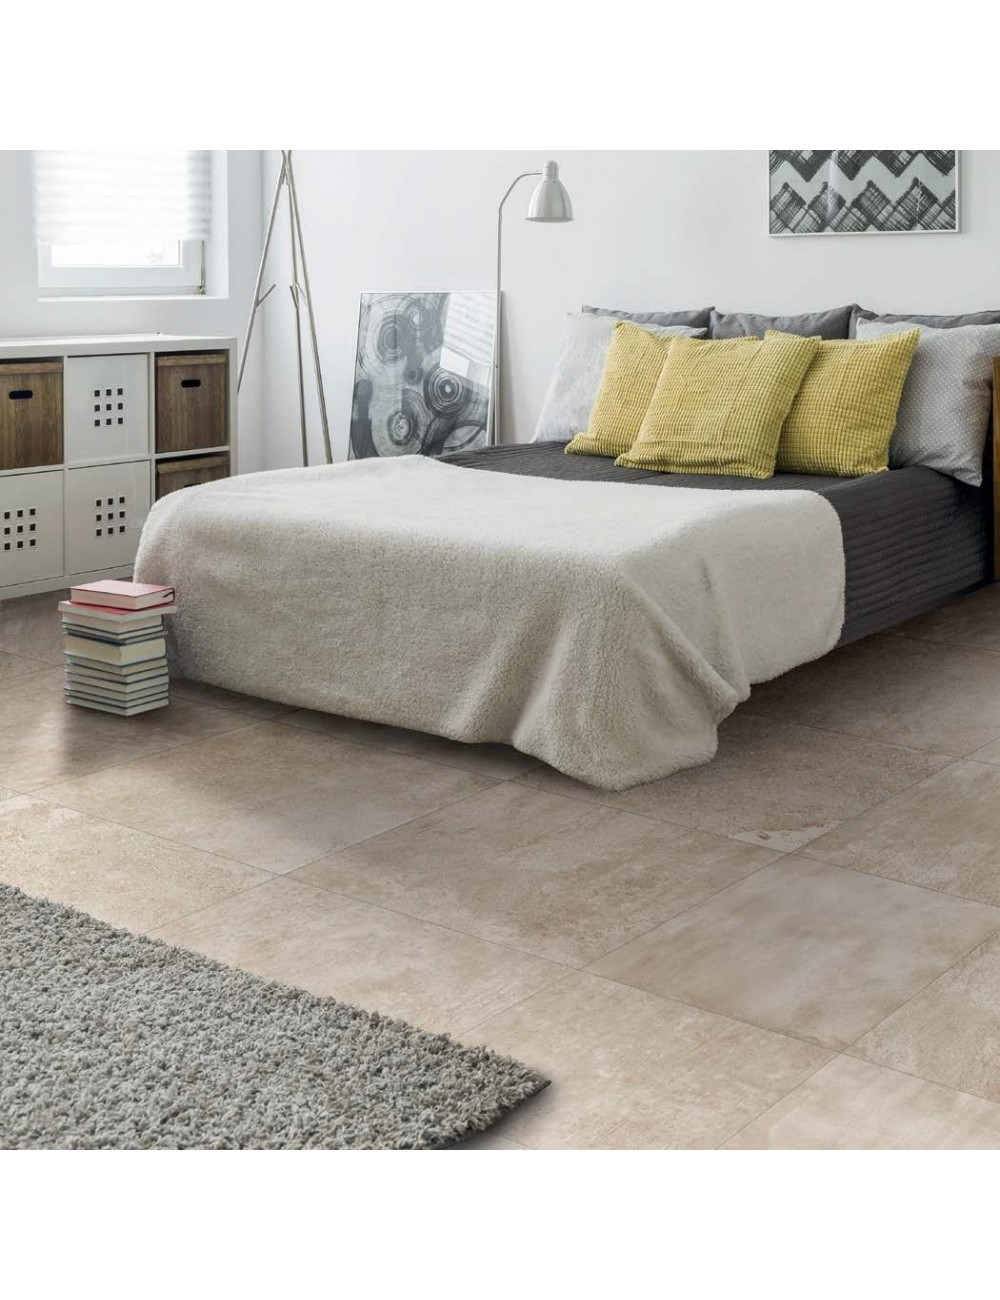 Endymion paper piastrella effetto cemento color beige del marchio Gambini ceramiche